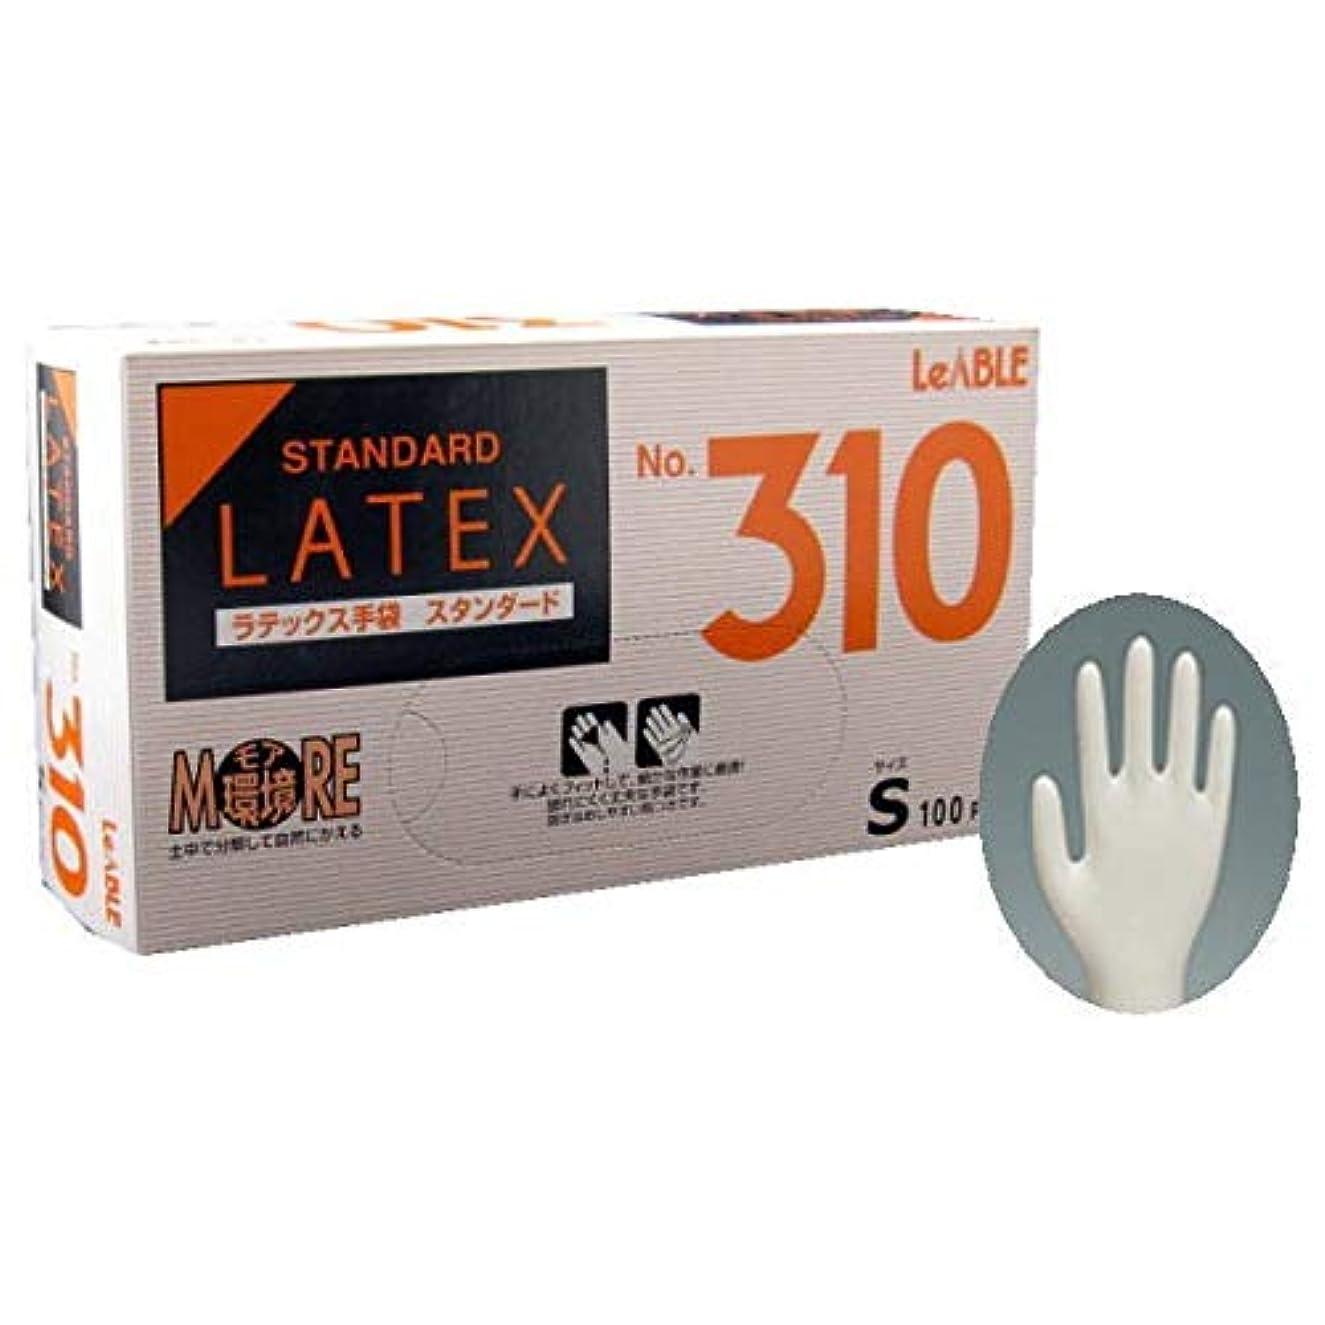 論理的に有益悲しいことにNo.310 ラテックススタンダード 粉付 (S) 白 100枚入20箱